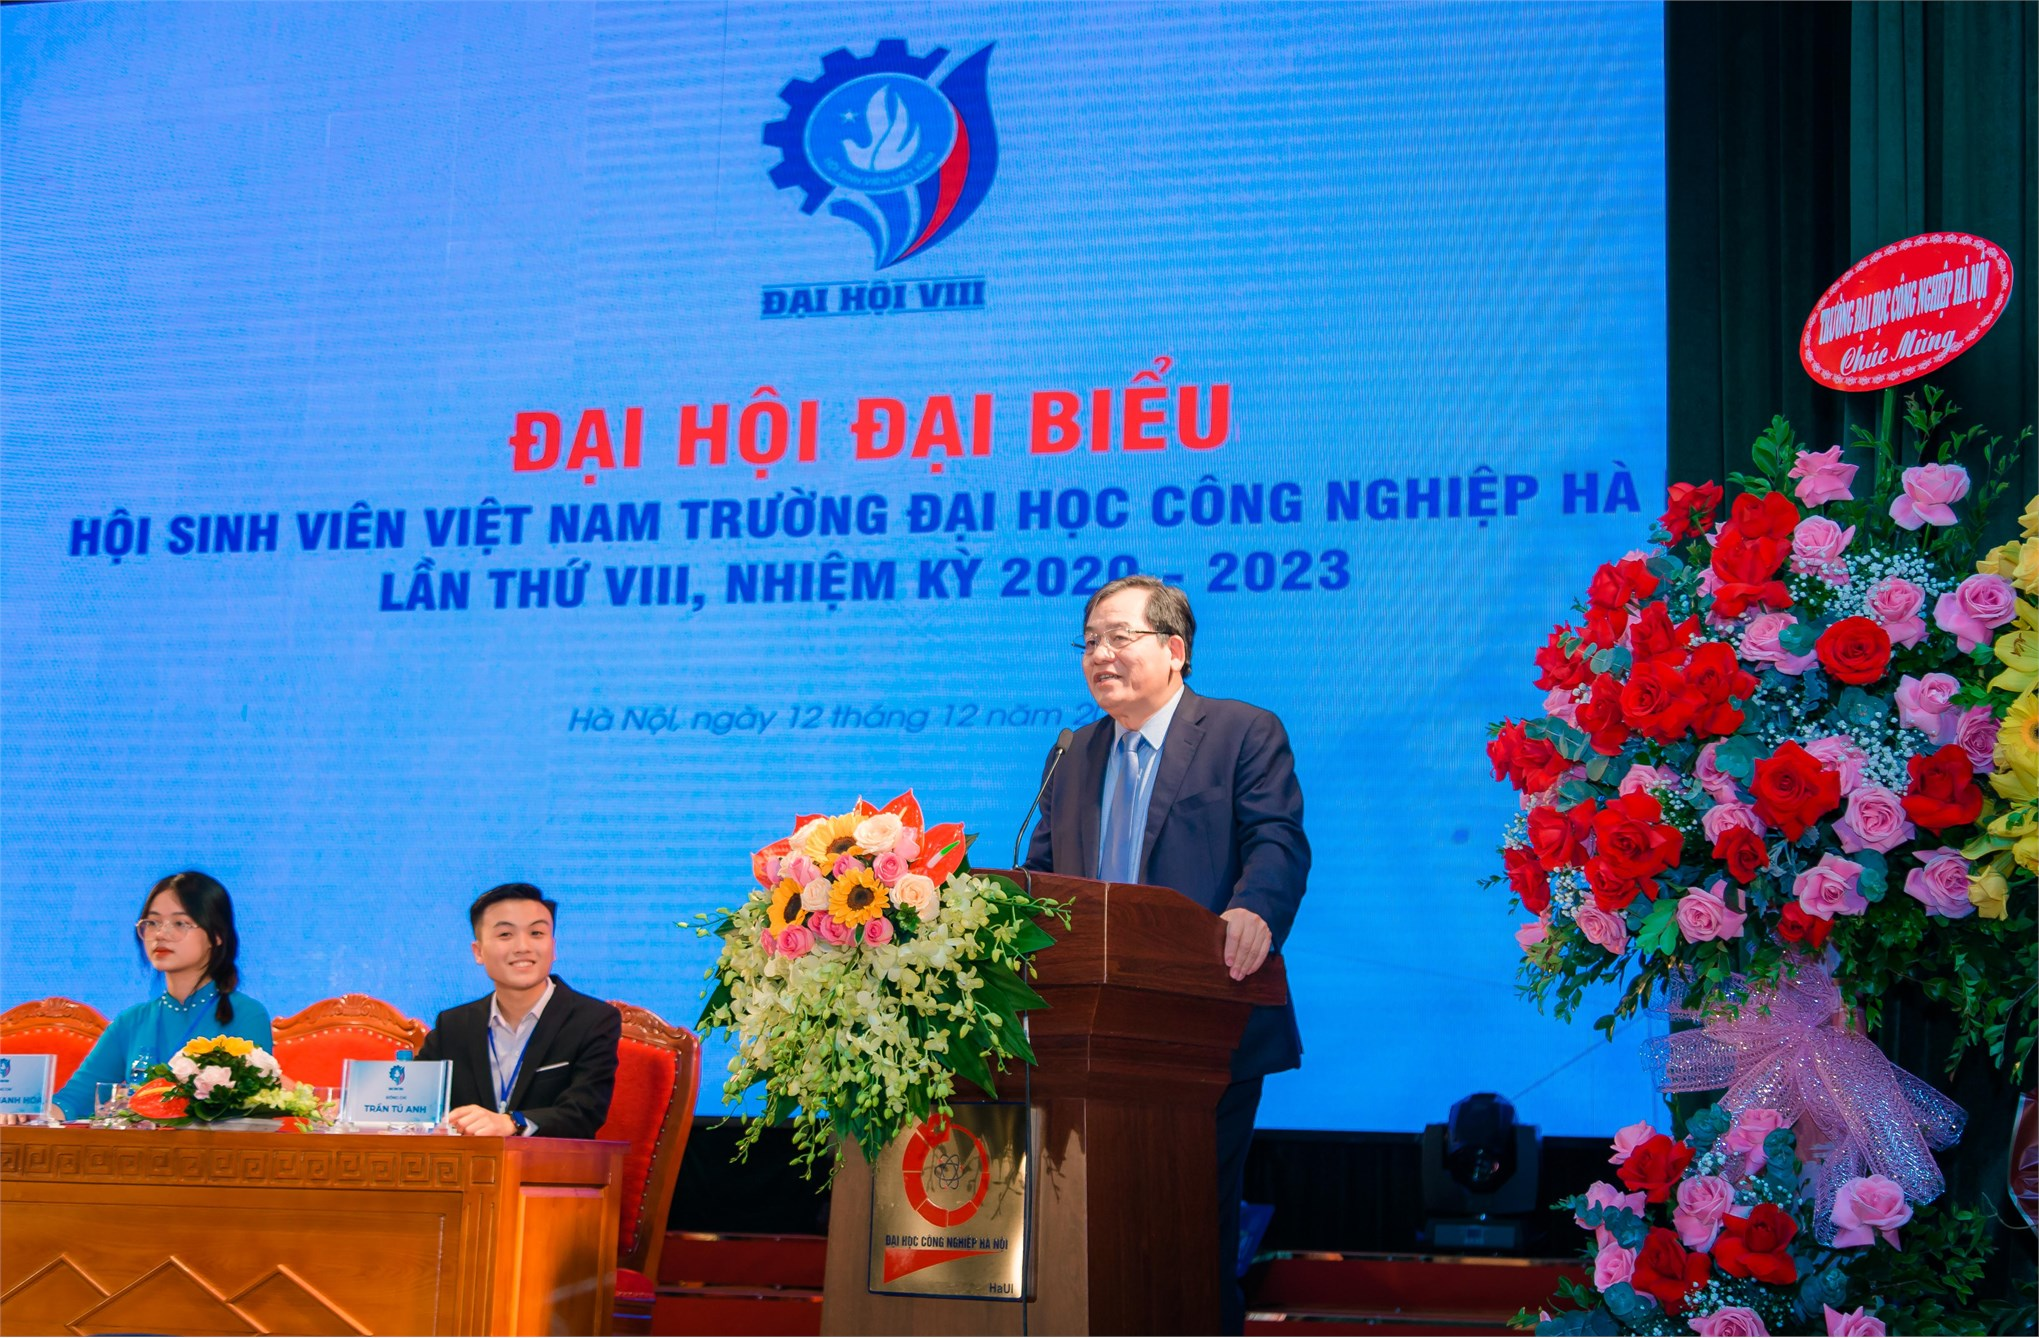 PGS.TS.Trần Đức Quý - Bí thư Đảng ủy, Hiệu trưởng nhà trường đánh giá cao tầm quan trọng của Hội sinh viên đối với hoạt động phong trào, công tác chính trị, tư tưởng và đào tạo của nhà trường.